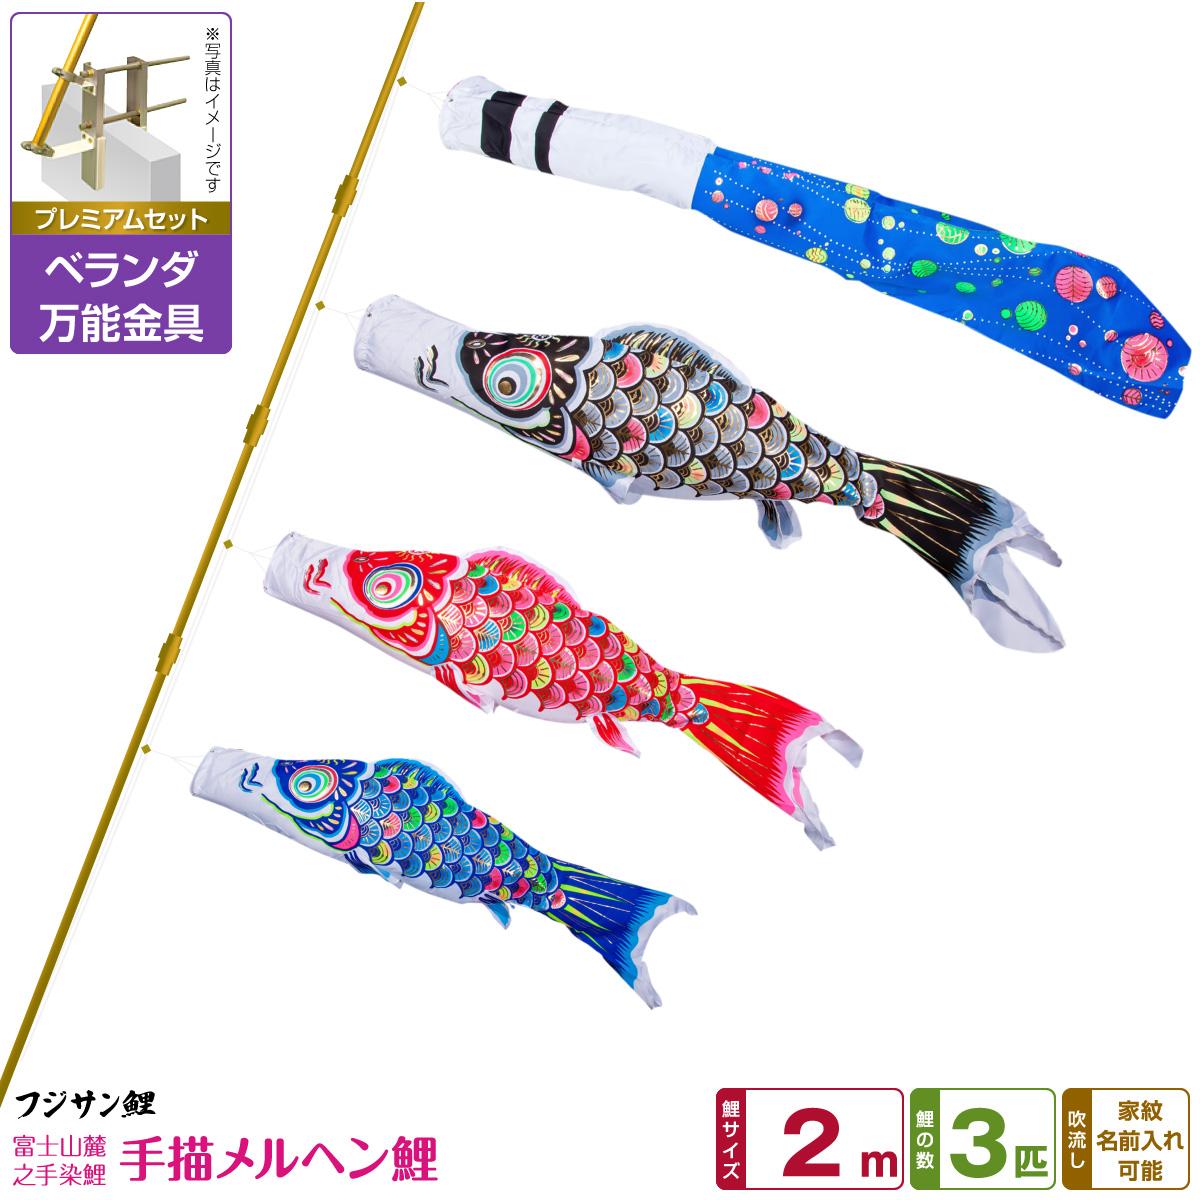 ベランダ用 こいのぼり 鯉のぼり フジサン鯉 手描メルヘン鯉 2m 6点(吹流し+鯉3匹+矢車+ロープ)/プレミアムセット(万能取付金具)